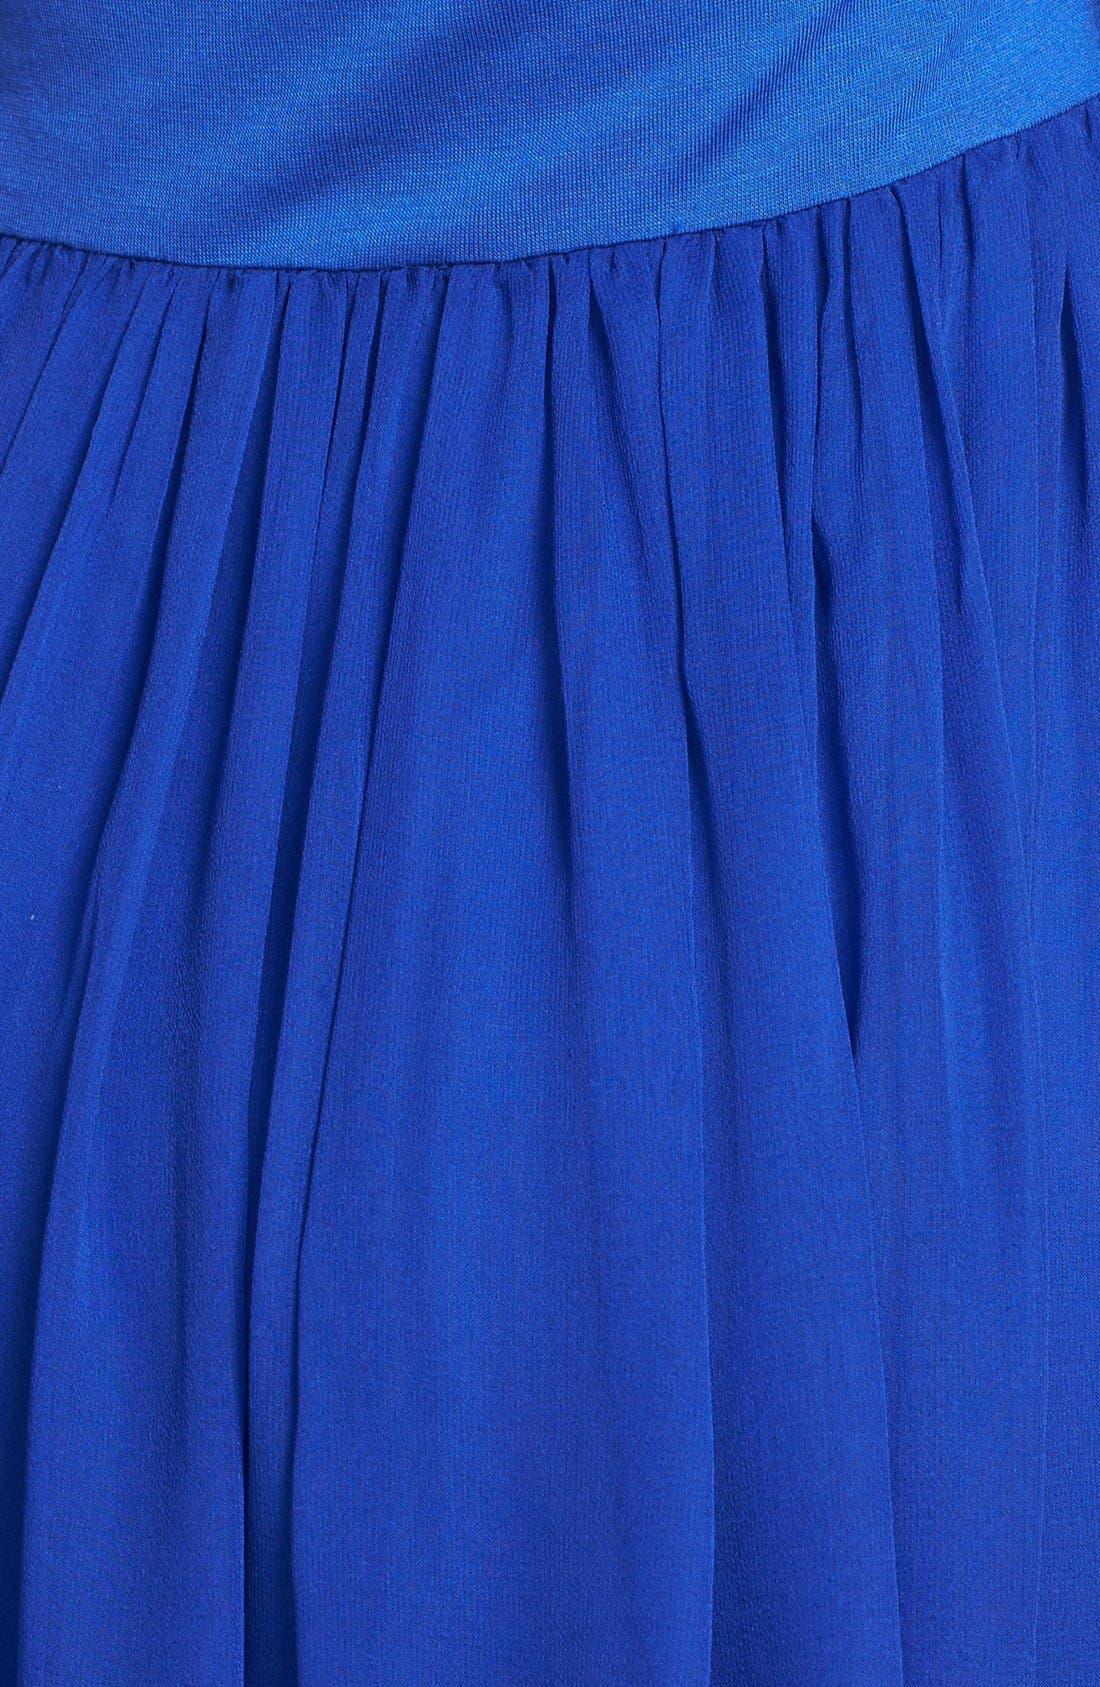 Alternate Image 3  - Felicity & Coco 'Sebastian' Mixed Media Maxi Dress